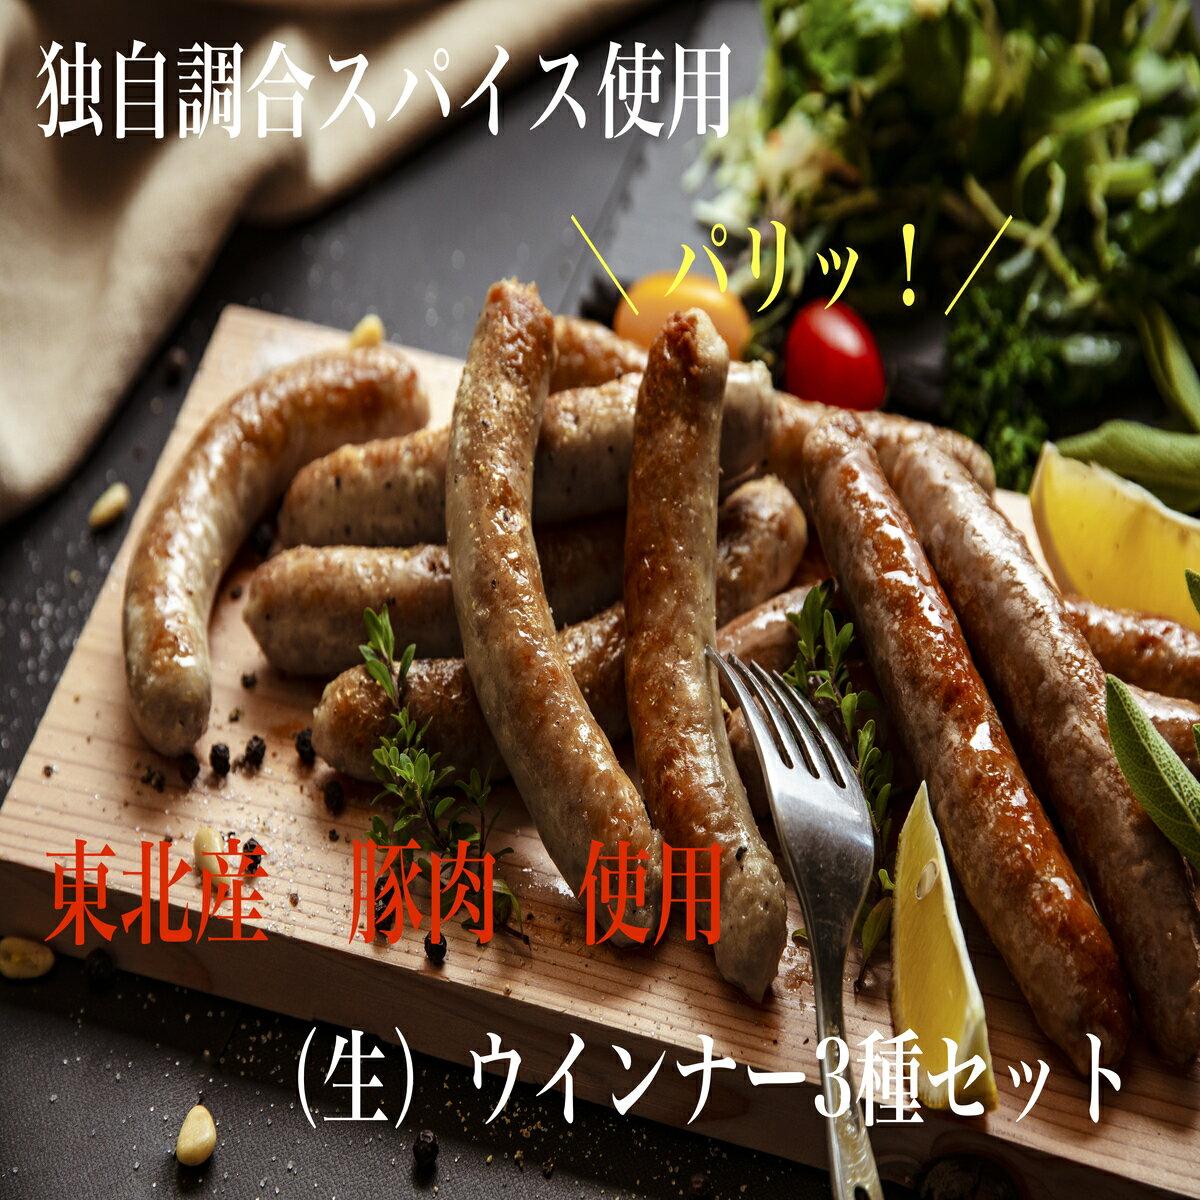 【ふるさと納税】東北産豚肉使用!(生)ウインナー3種セット 1.5kg